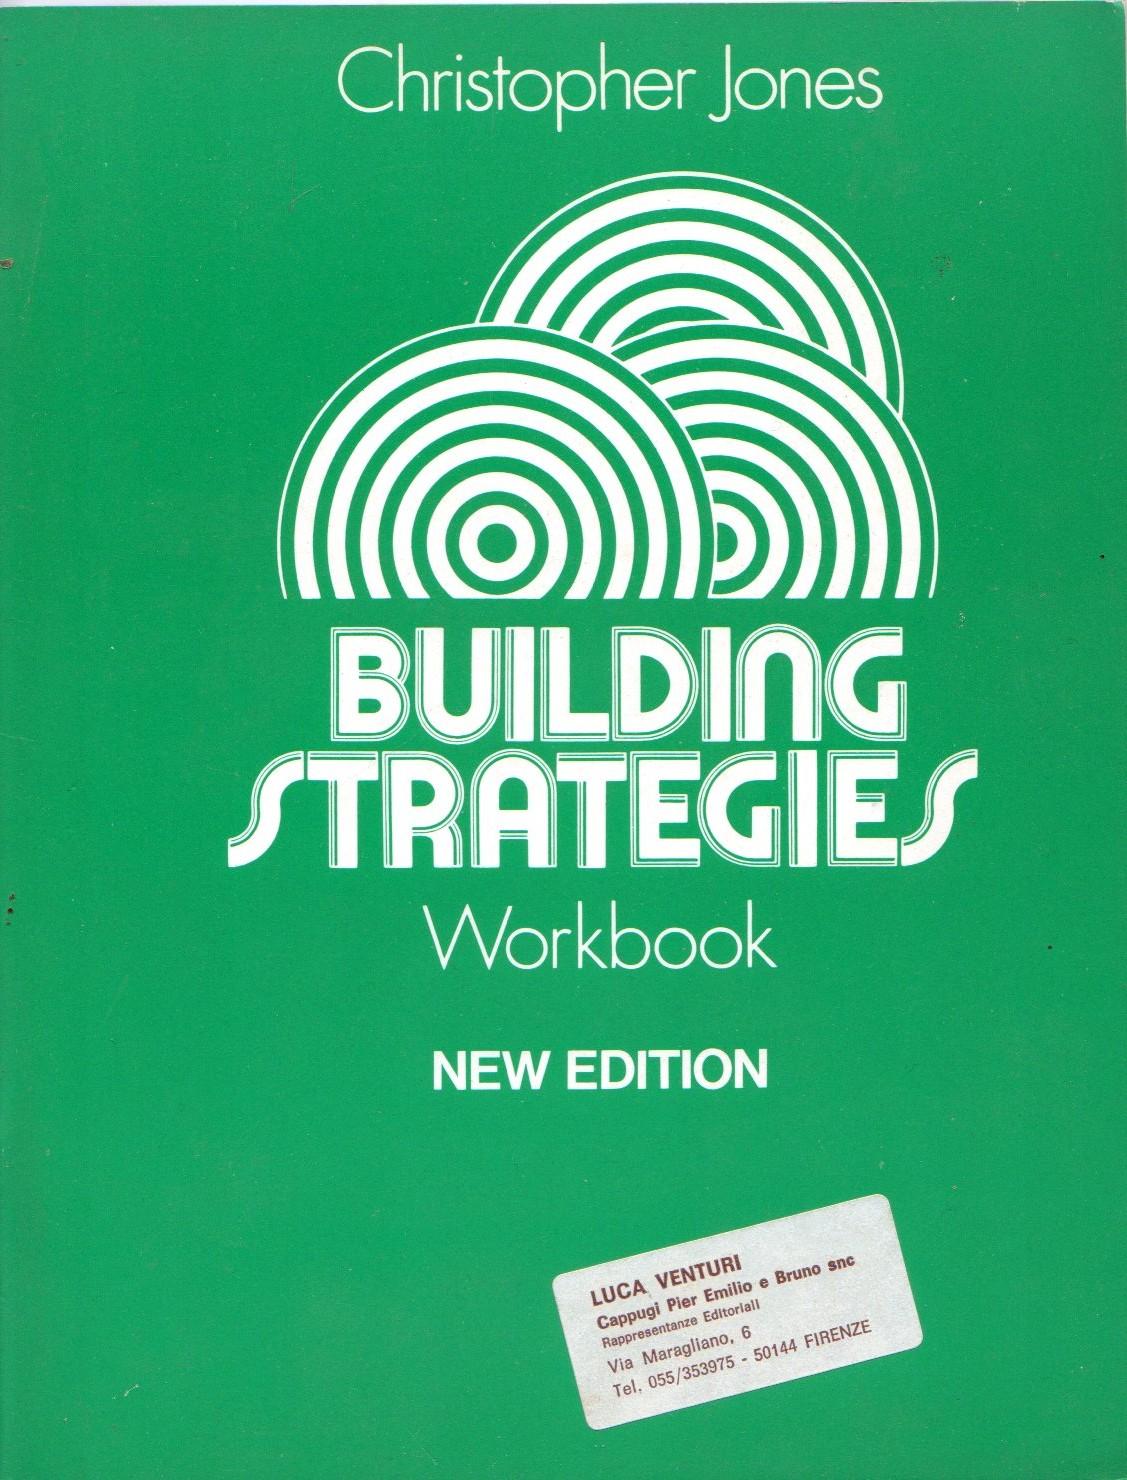 Building Strategies